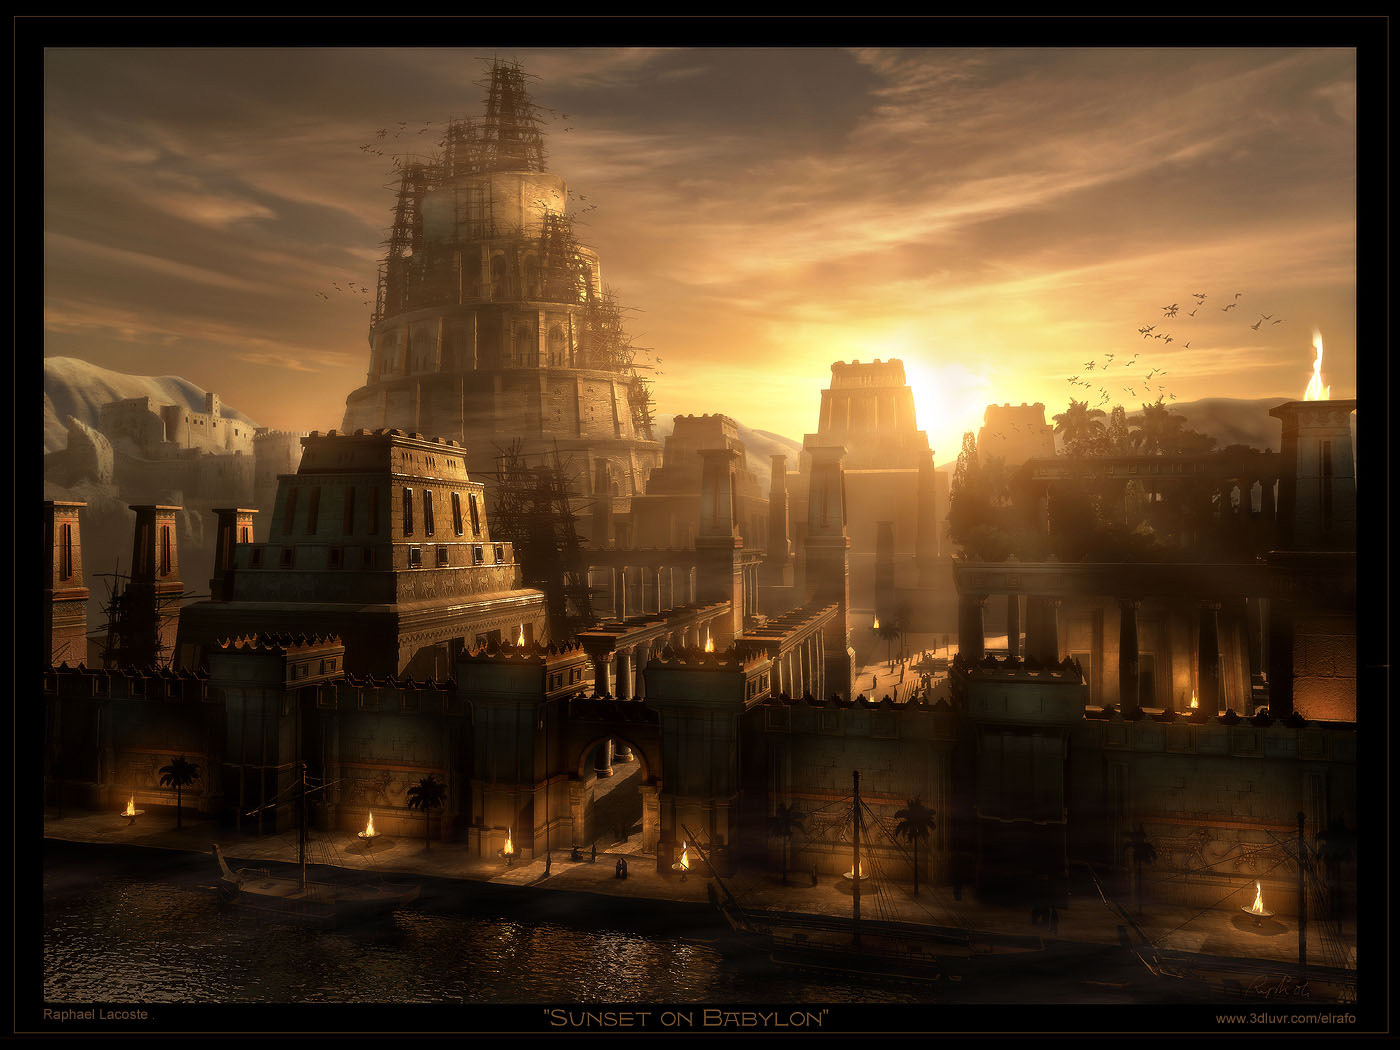 Sunset+on+Babylon